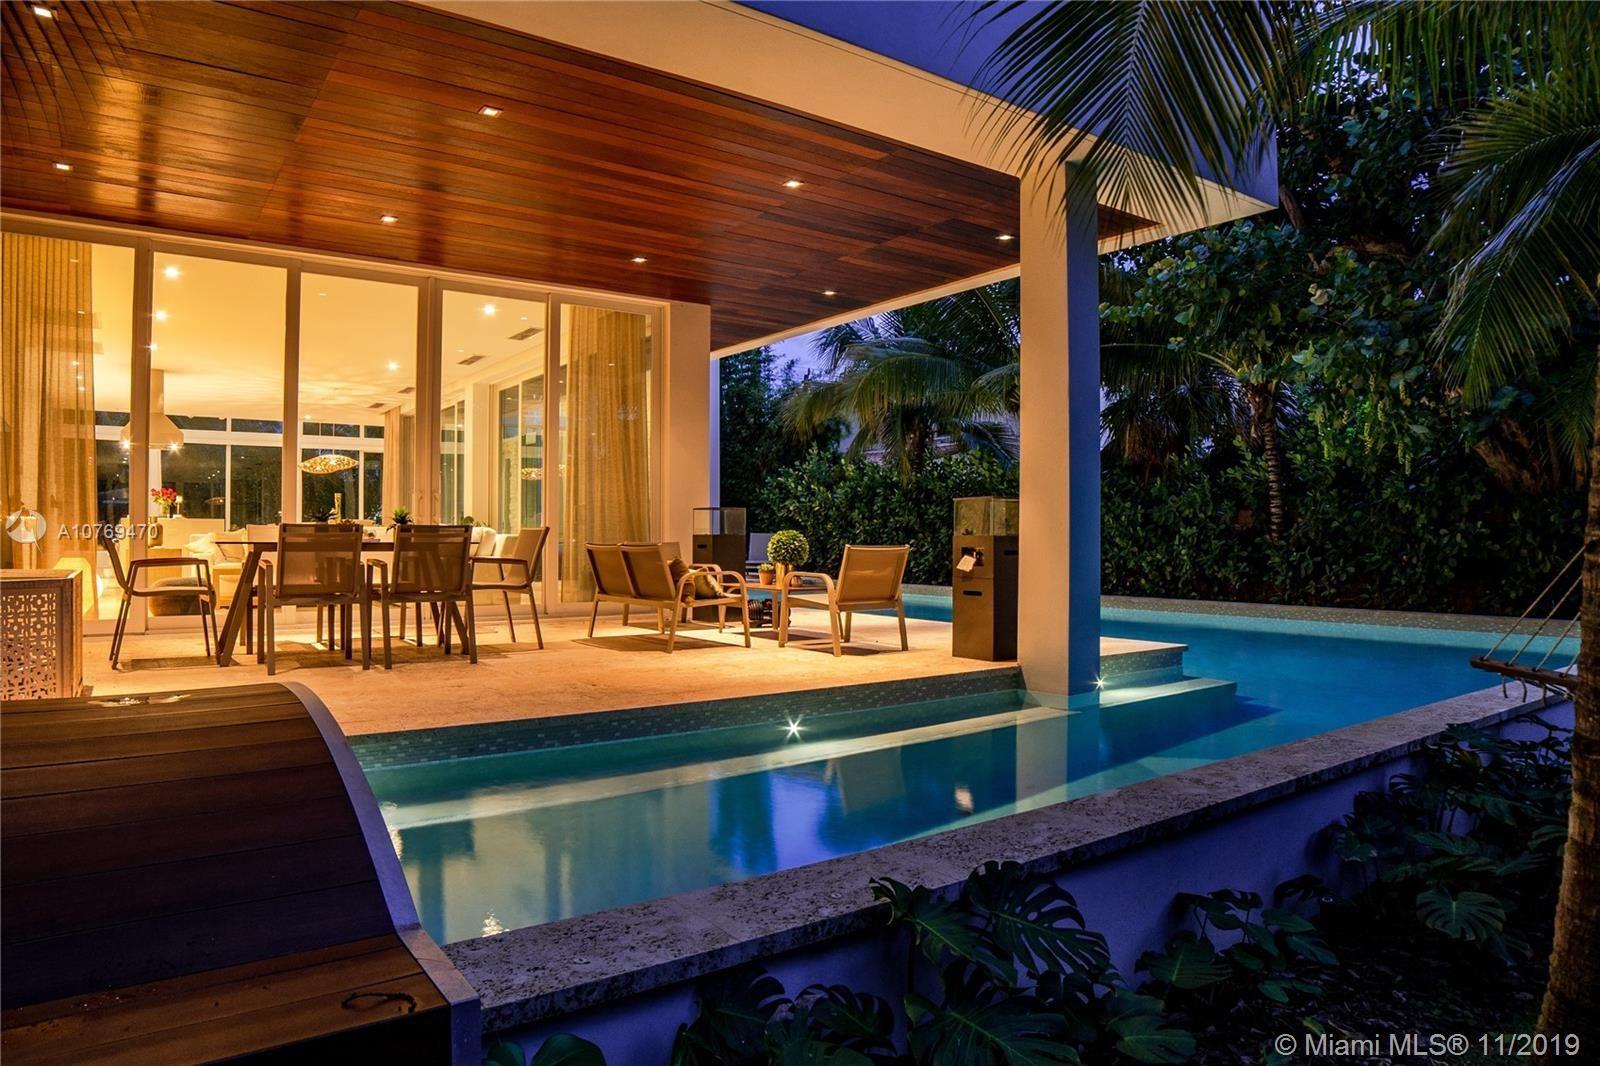 3726 Prairie Ave, Miami Beach, FL 33140 - #: A10769470